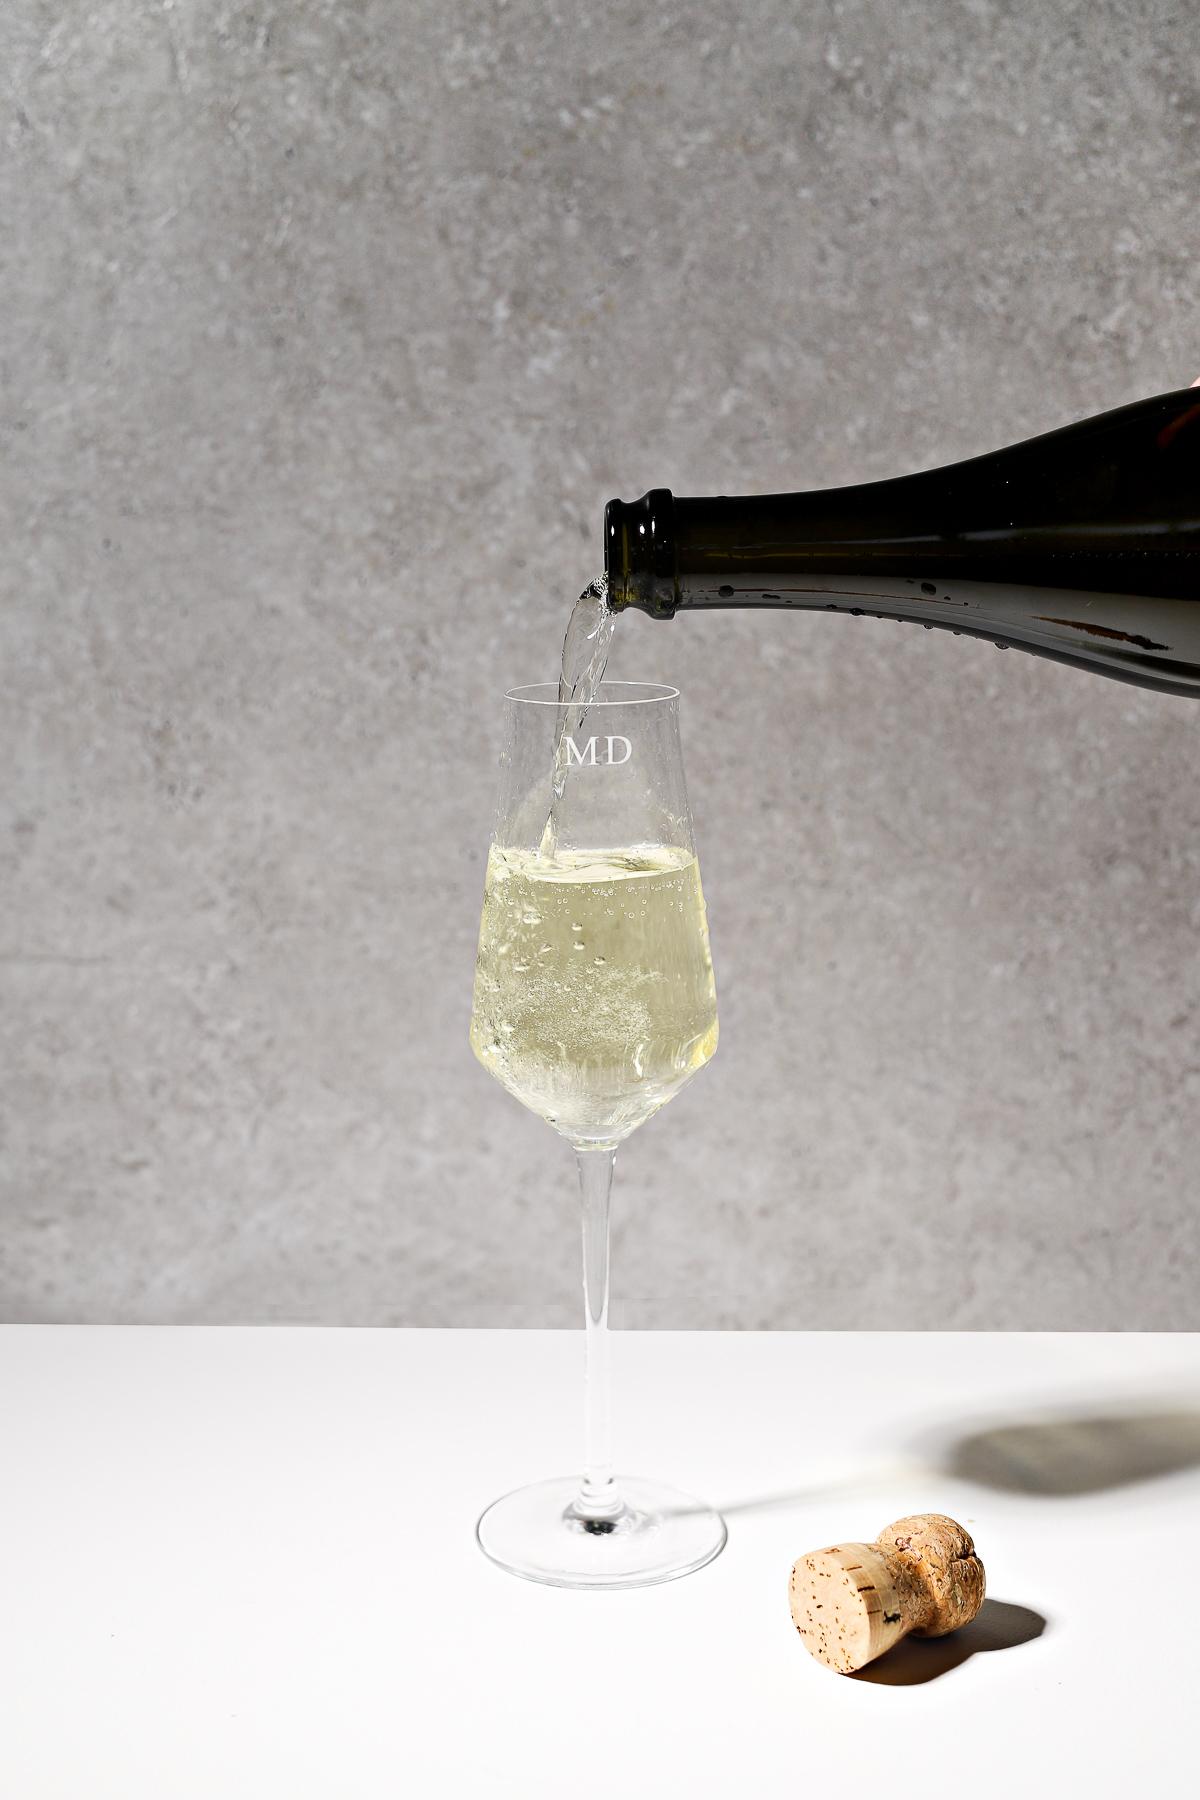 personalised monogrammed crystal glassware bridal gifts groomsmen present